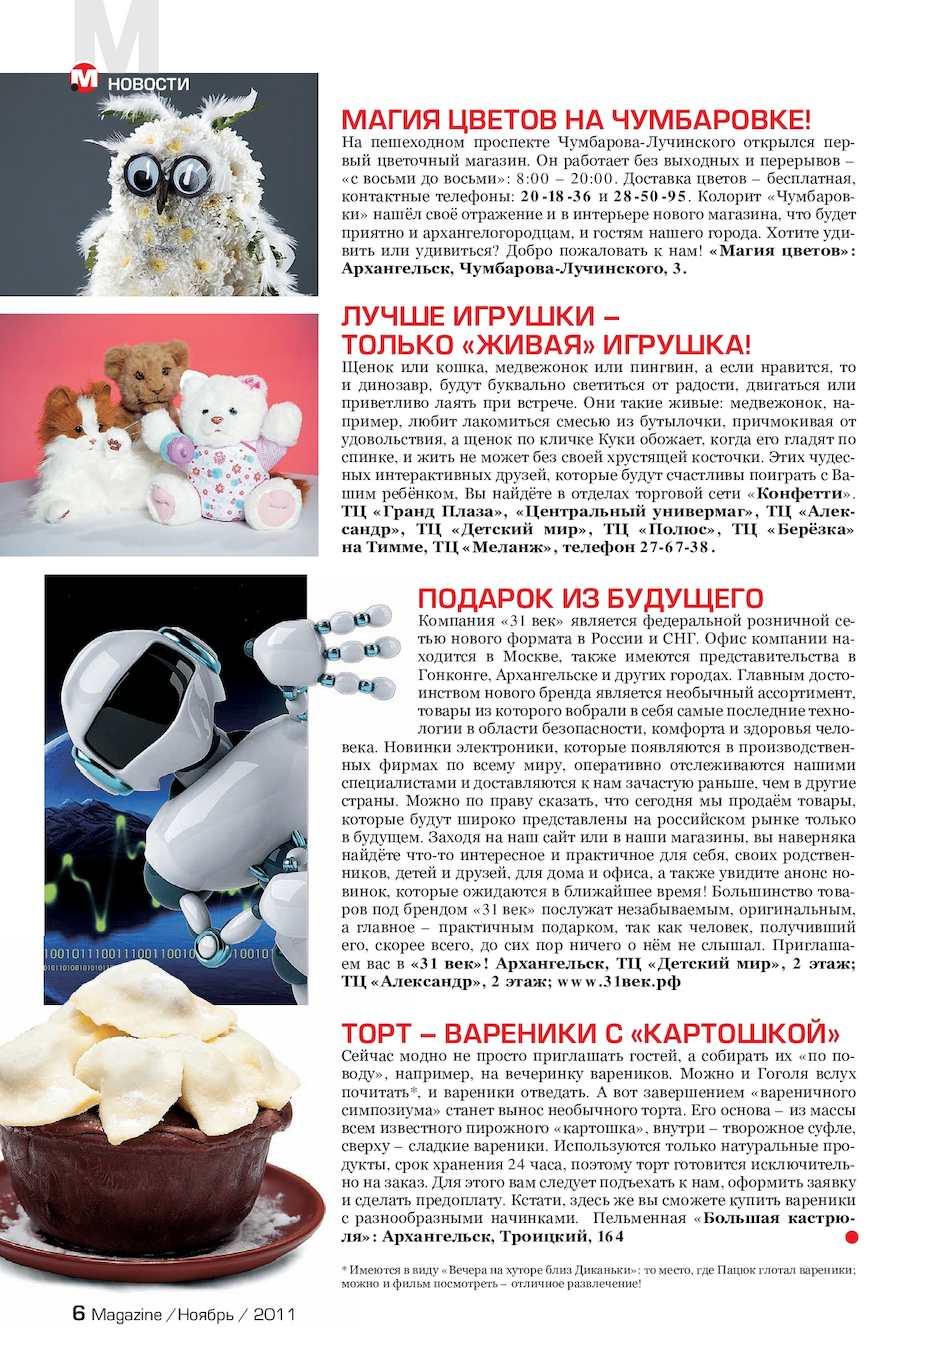 Медицинская книжка в Москве Даниловский бесплатно оформить